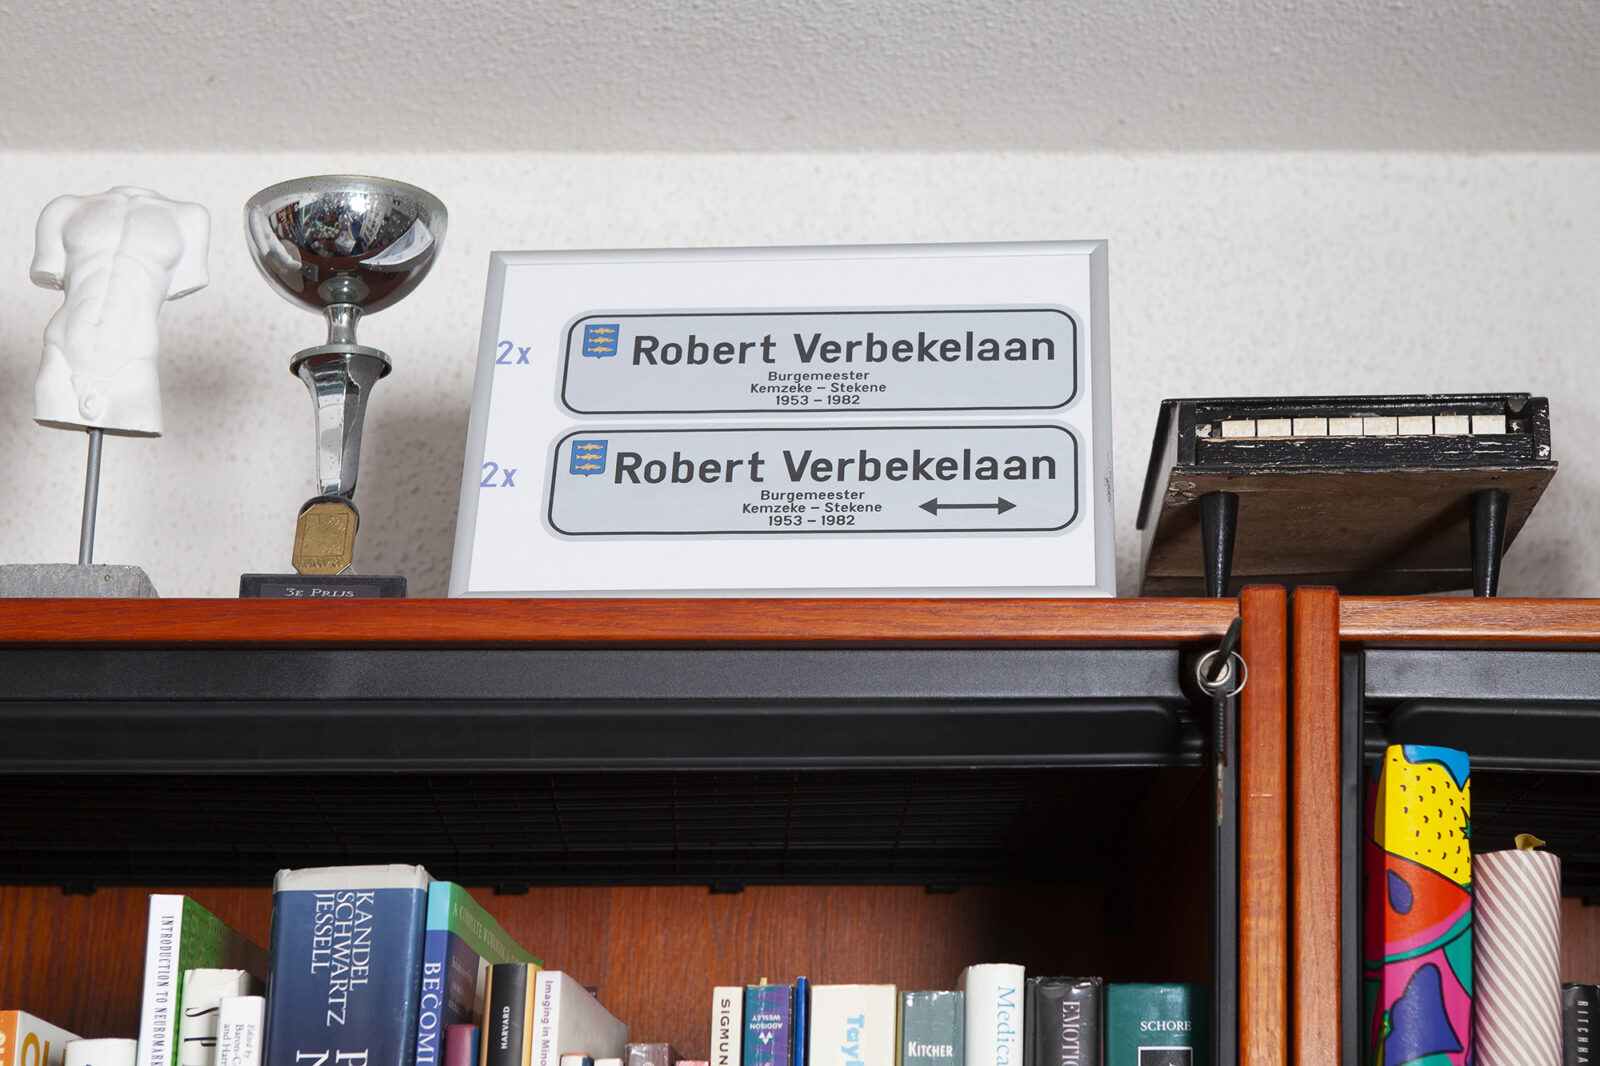 Willem Verbeke straatnaambord – Geisje van der Linden